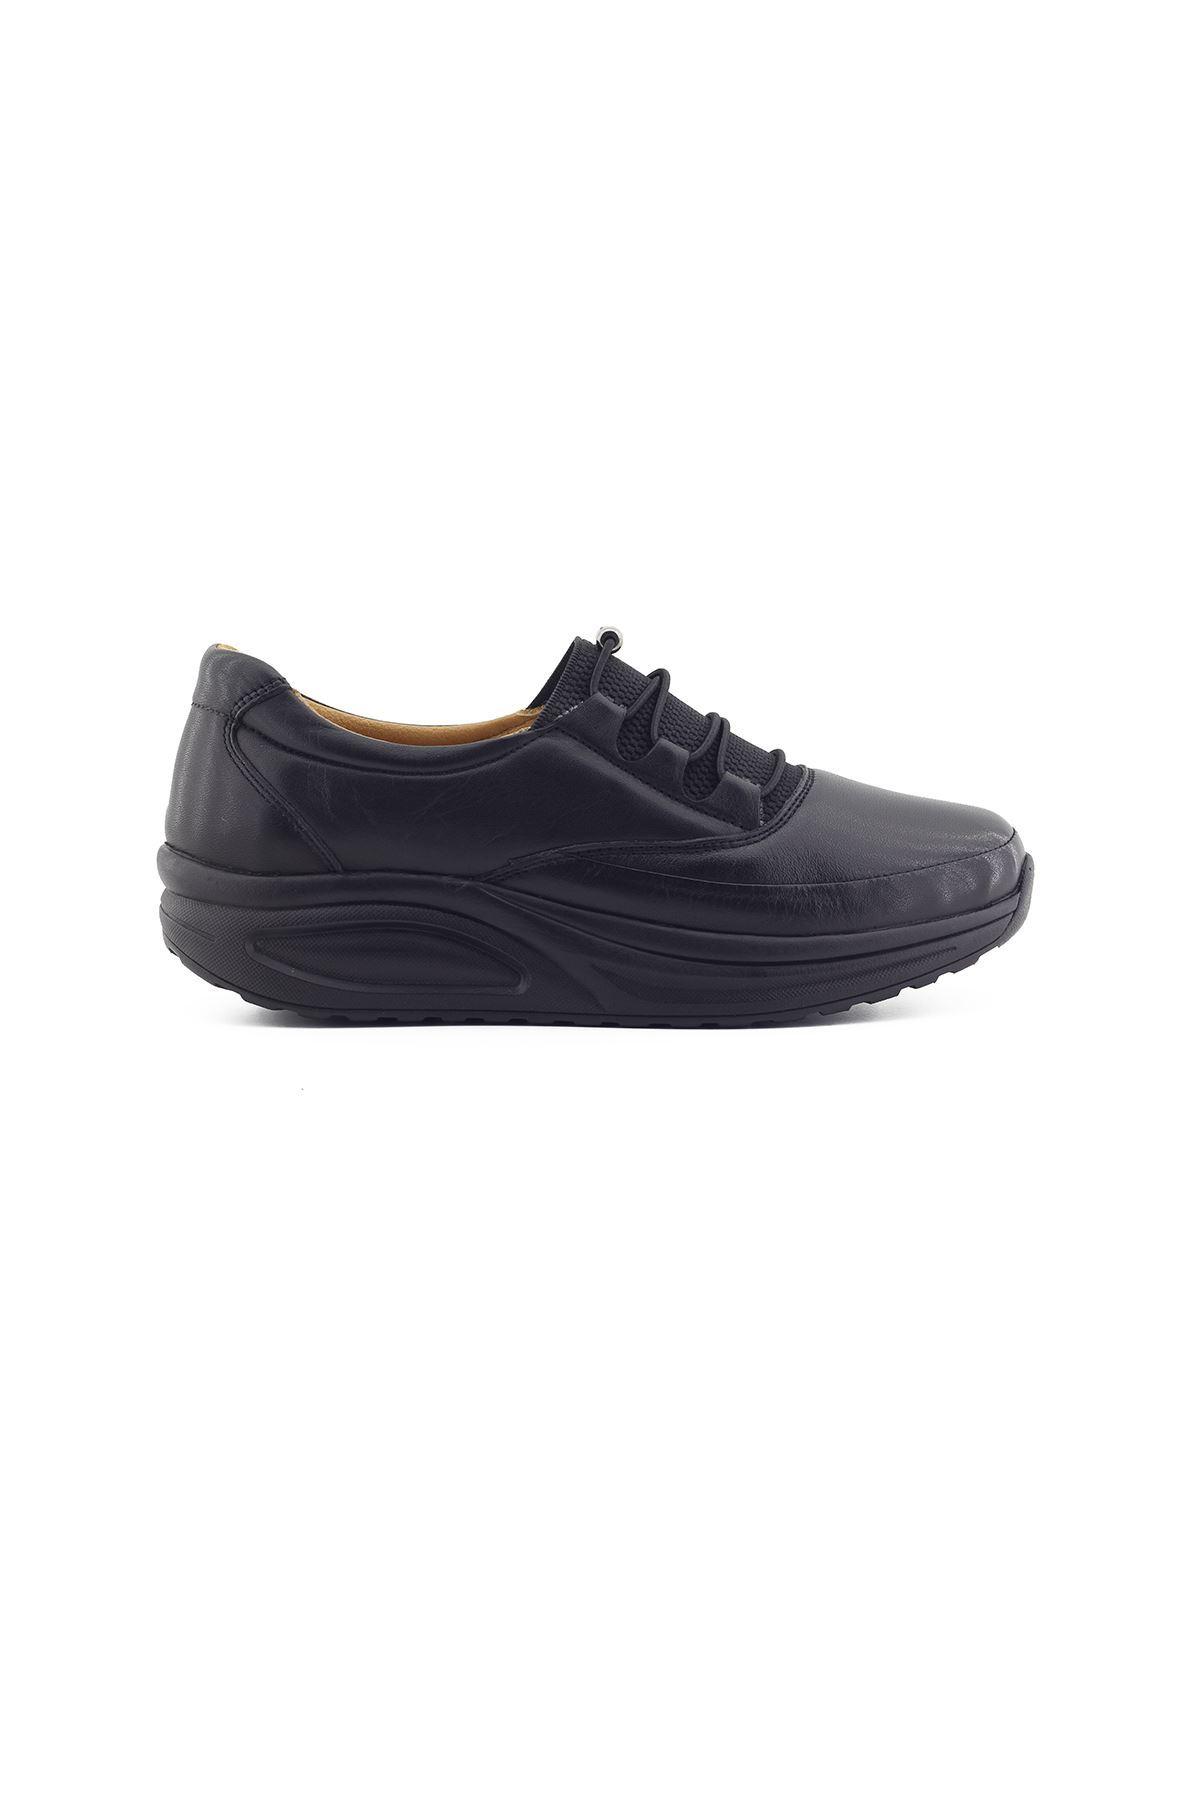 855 Siyah Kadın Yürüyüş Ayakkabısı